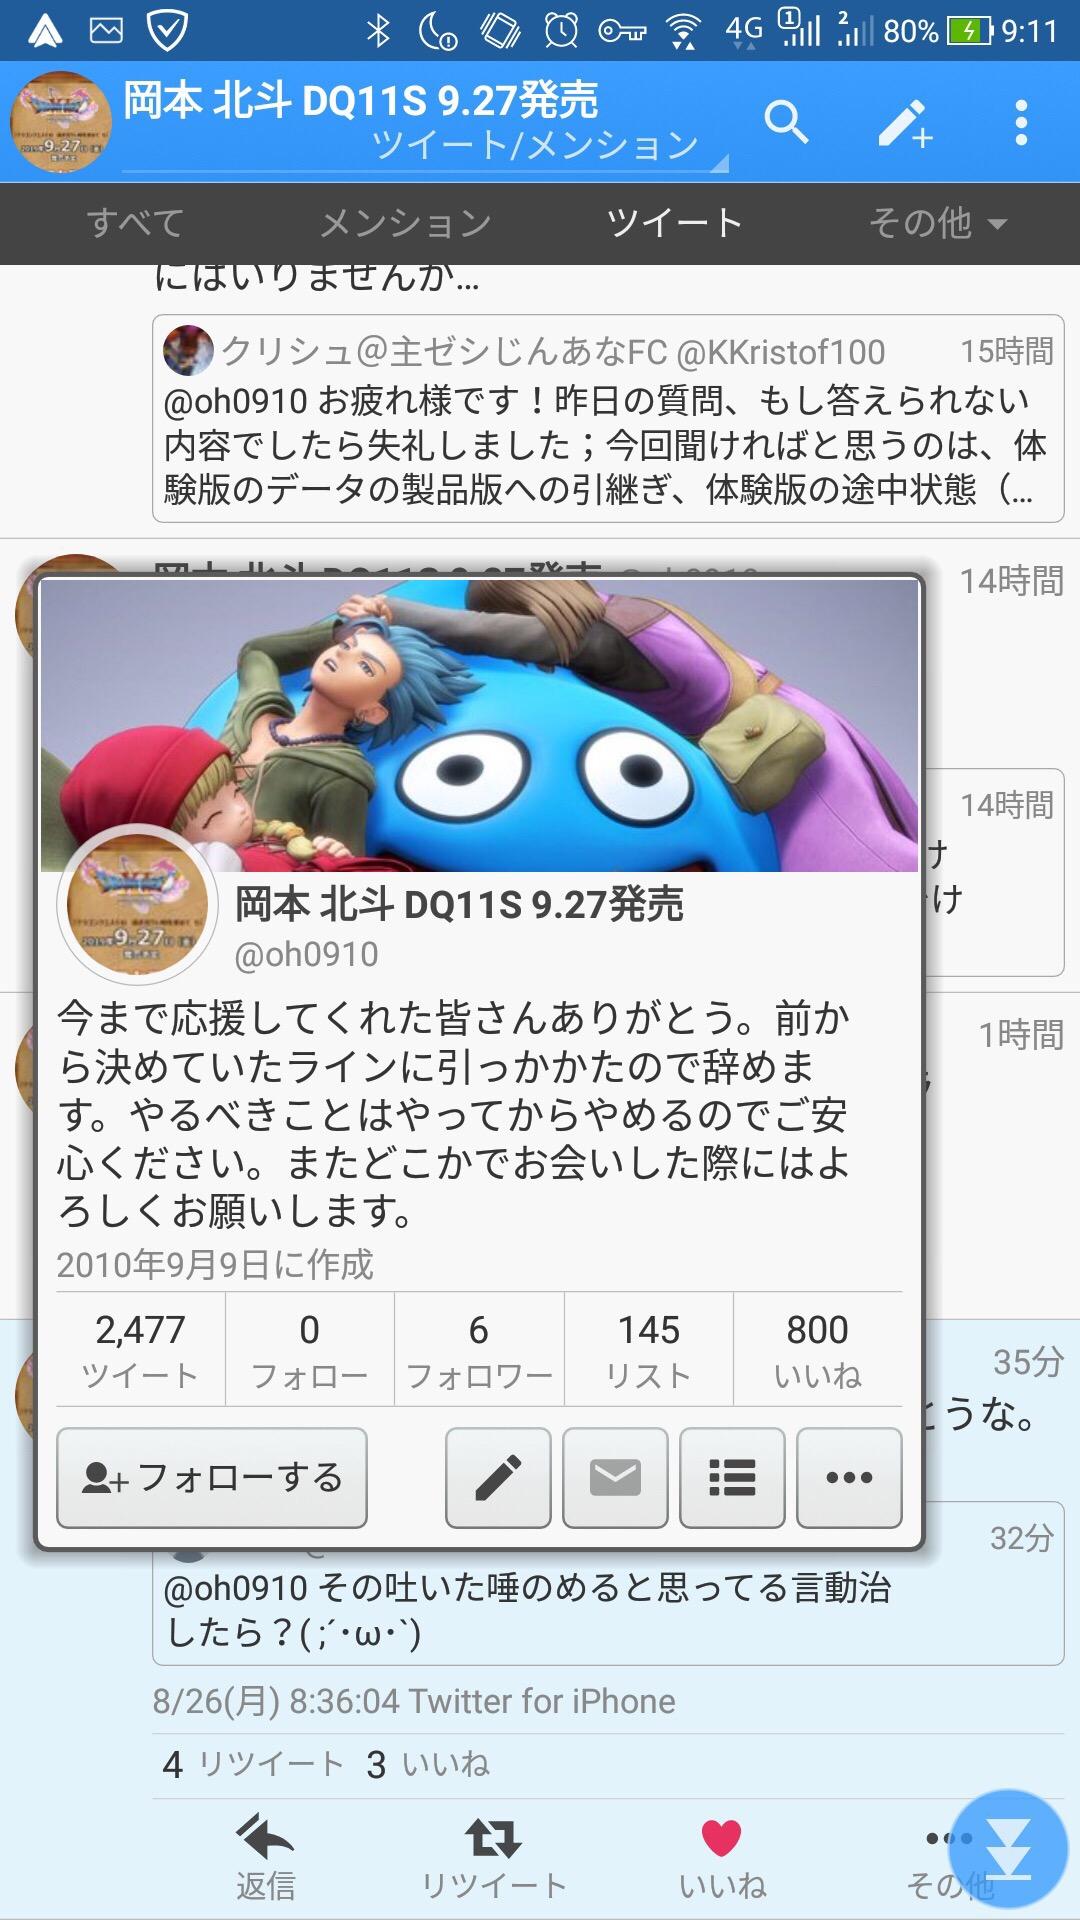 AwDiukZ - 【悲報】DQ11プロデューサー岡本、壊れてしまう★2